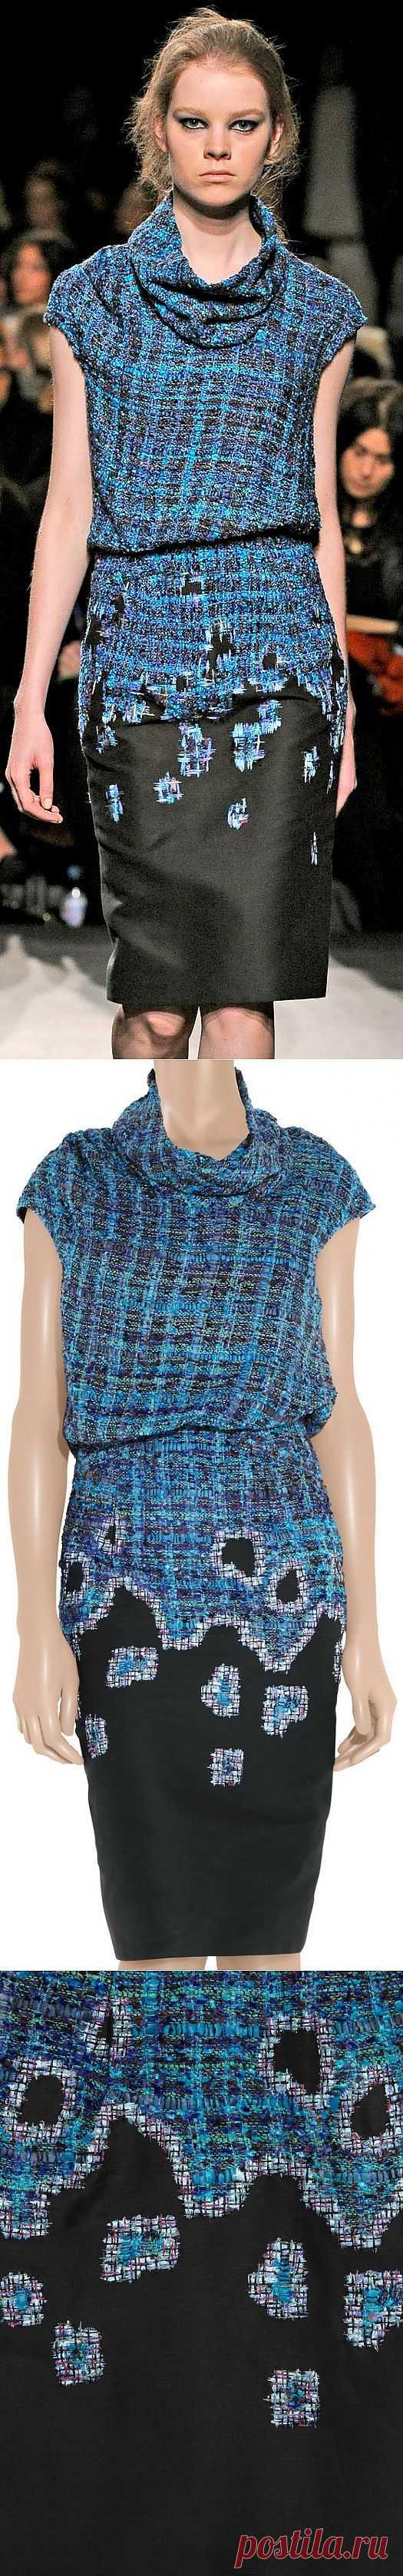 Твидовое платье ERDEM / Фактуры / Модный сайт о стильной переделке одежды и интерьера